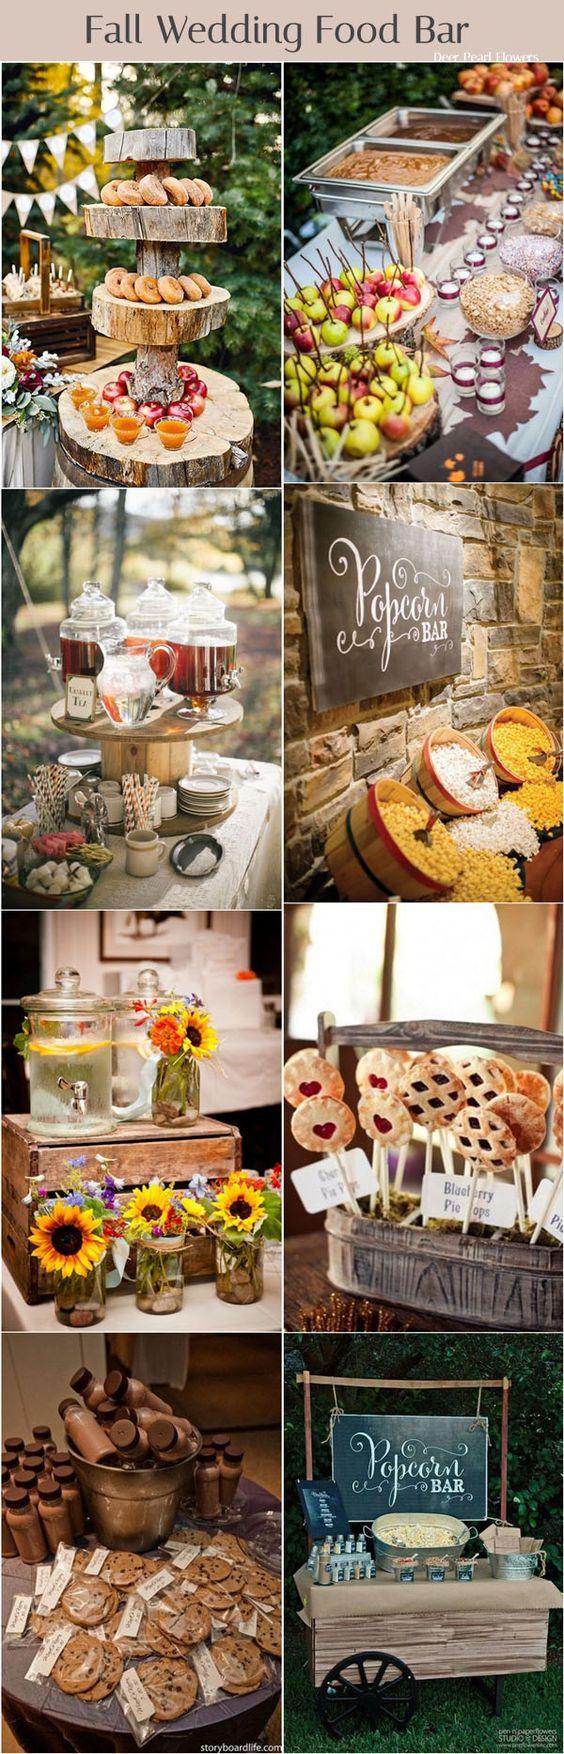 Φθινοπωρινός γάμος ιδέες11